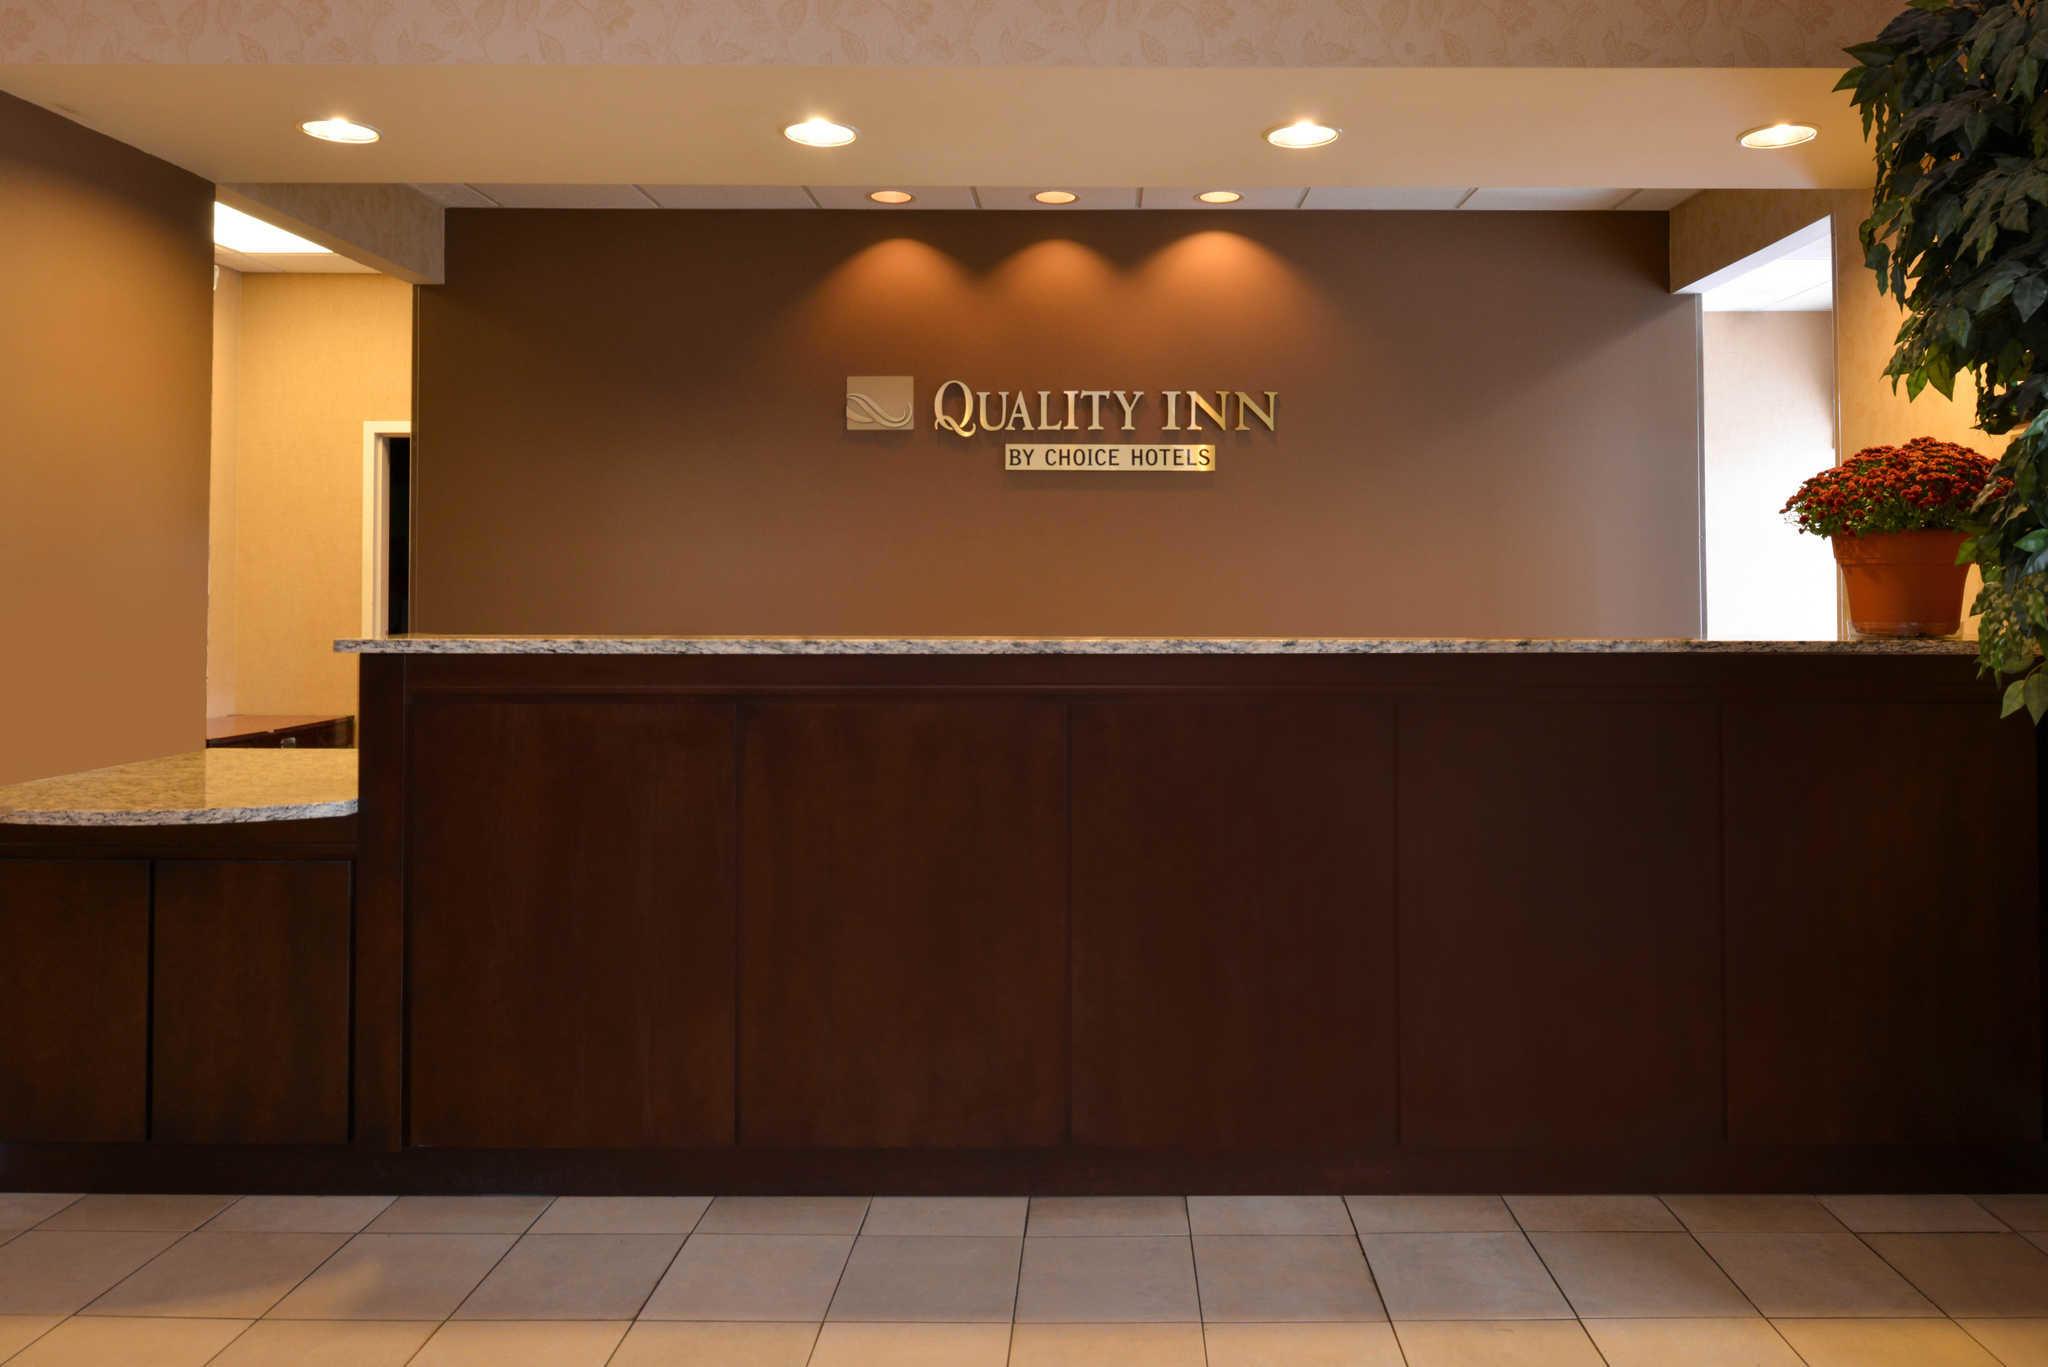 Quality Inn Dutch Inn image 5